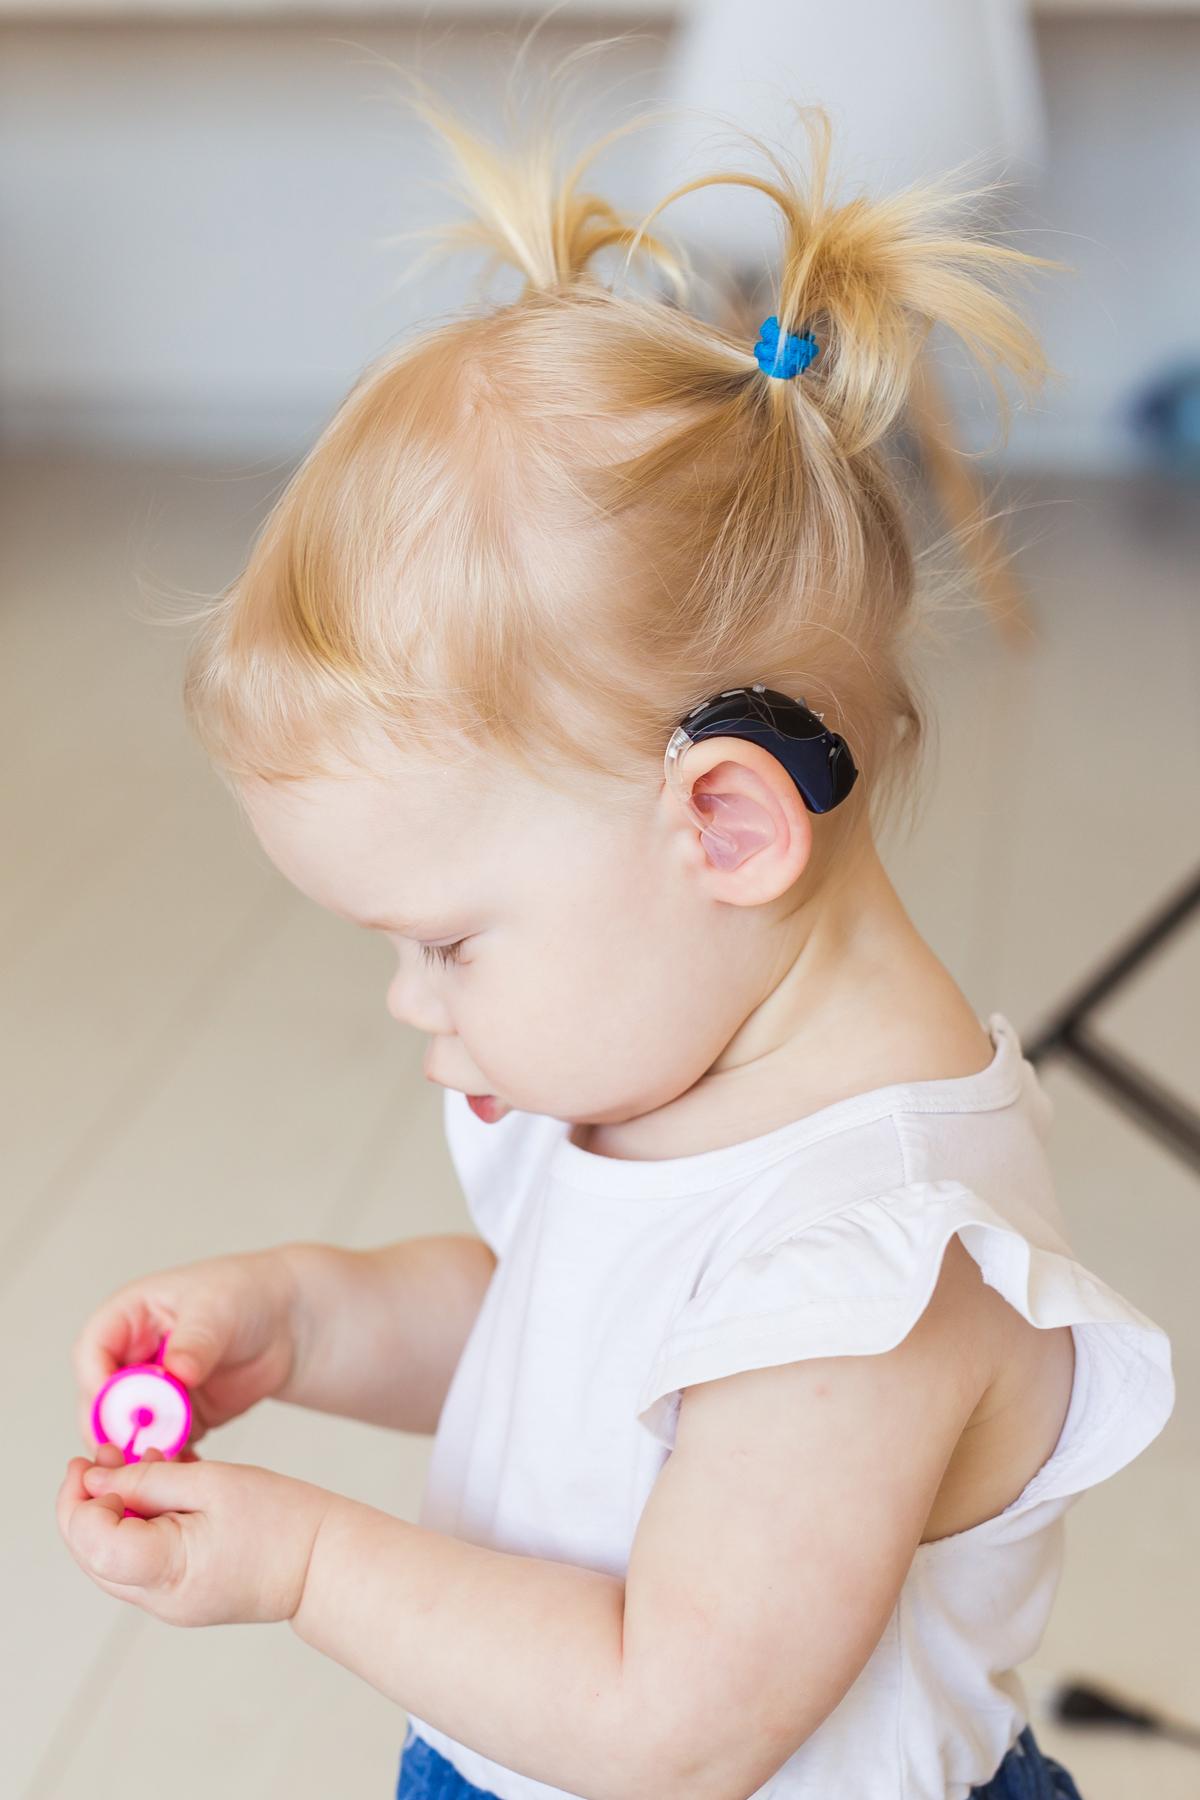 Jente med høreapparat b1200 240dpi.jpg